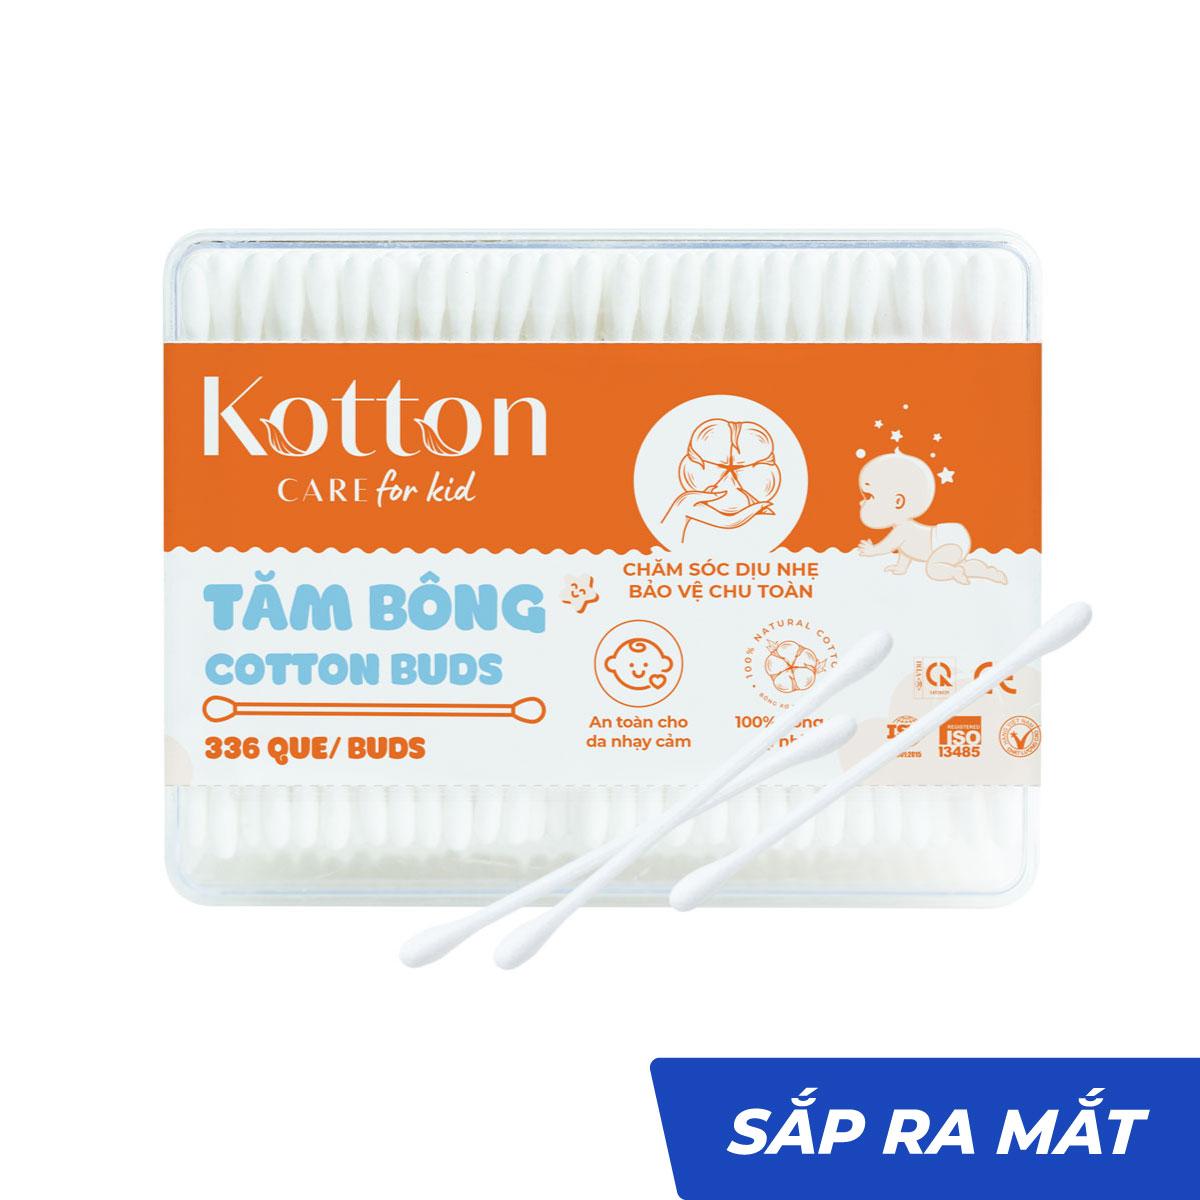 Tăm bông trẻ em thân nhựa 330 cái tiệt trùng - Kotton Care for Kid